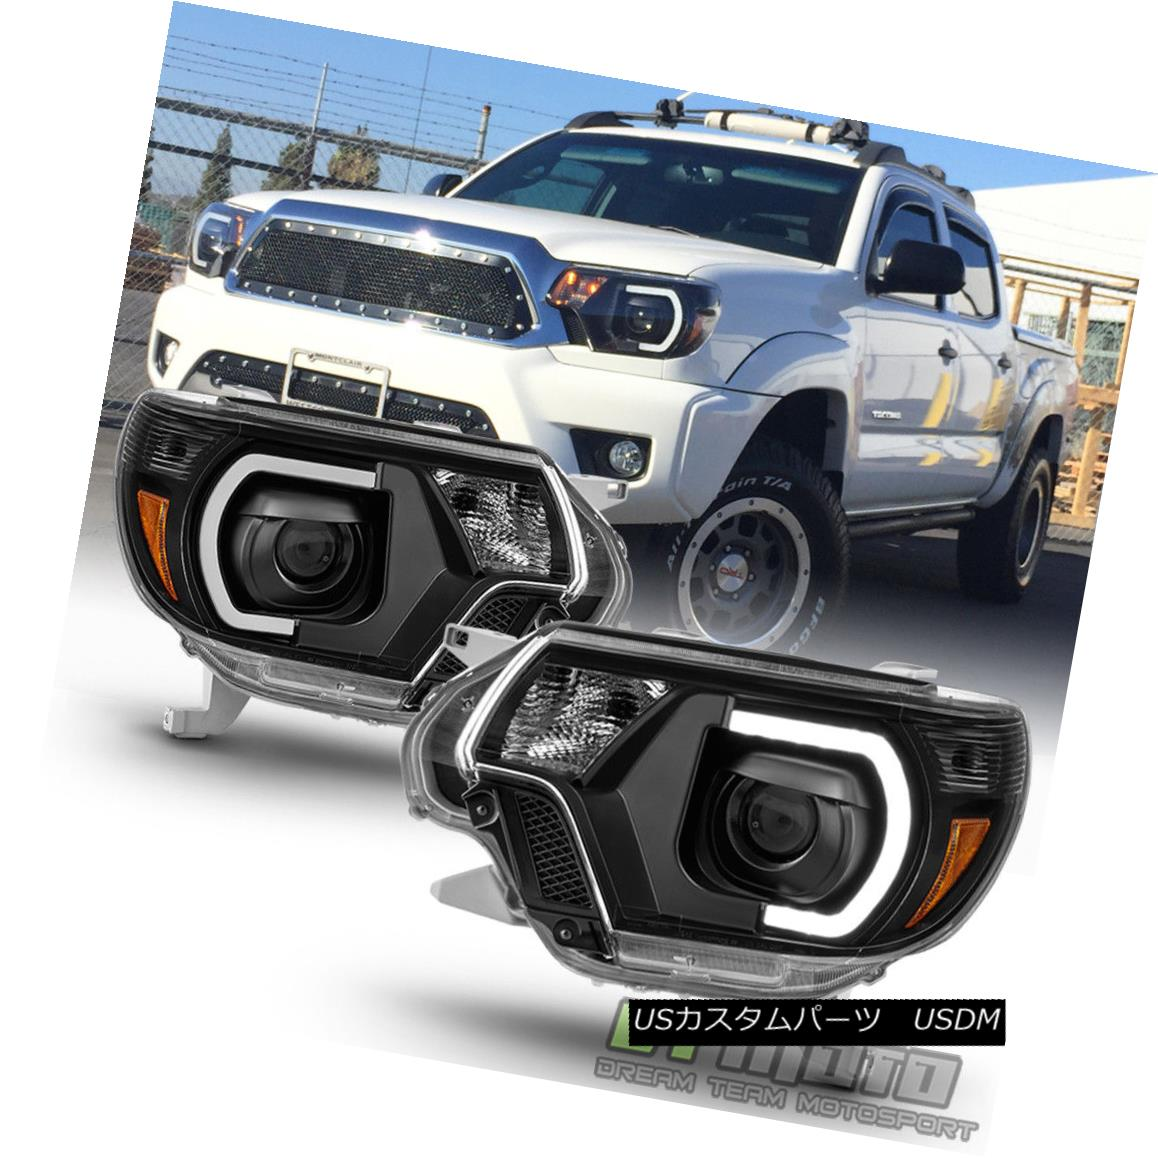 ヘッドライト Black 2012 2013 2014 2015 Toyota Tacoma LED DRL Light Tube Projector Headlights ブラック2012 2013 2014 2015トヨタタコマLED DRLライトチューブプロジェクターヘッドライト